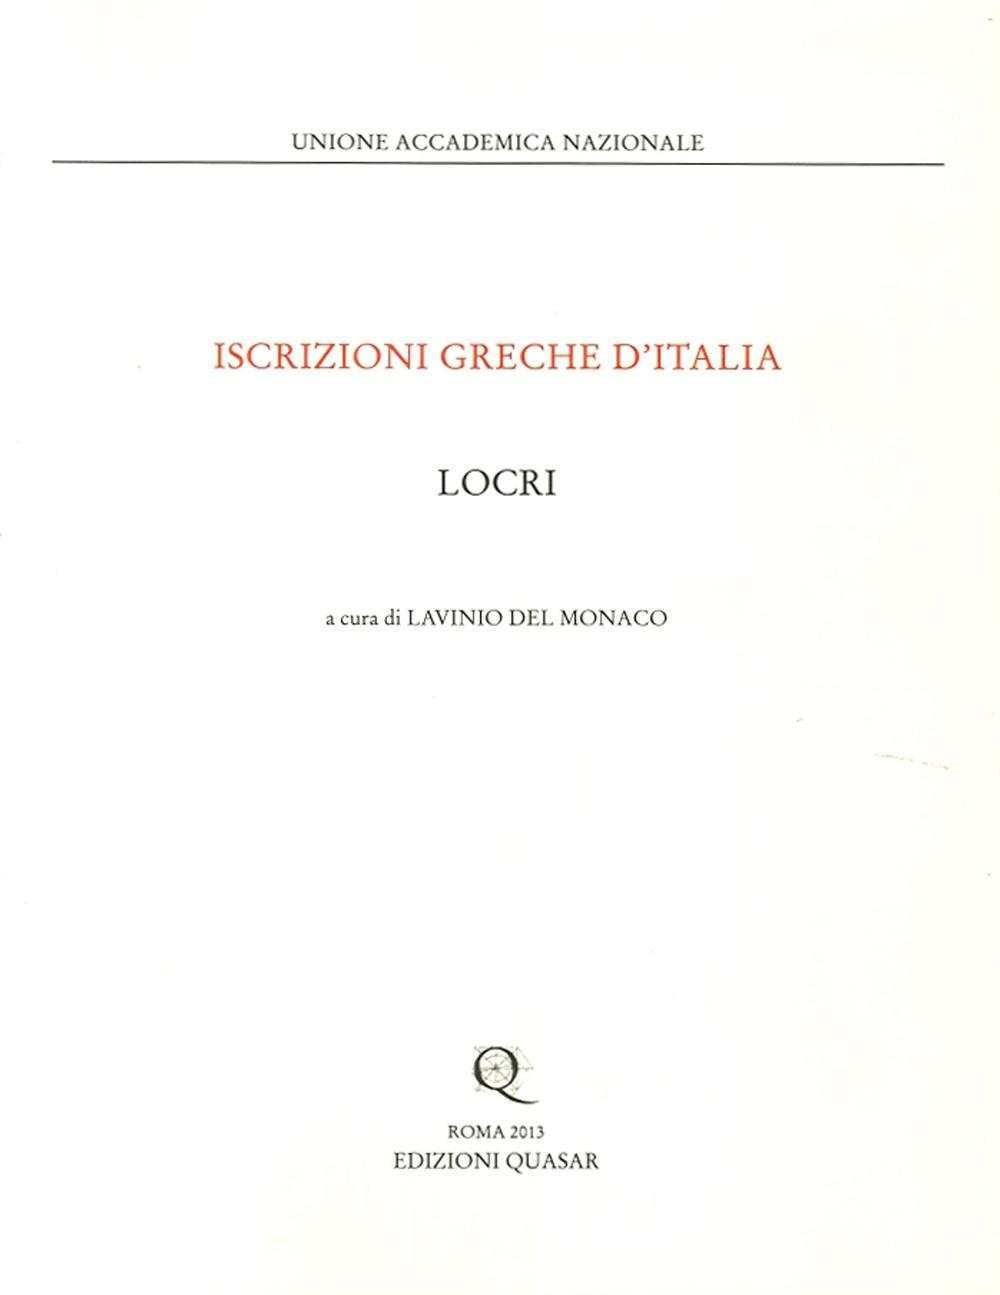 Iscrizioni Greche d'Italia. Locri.